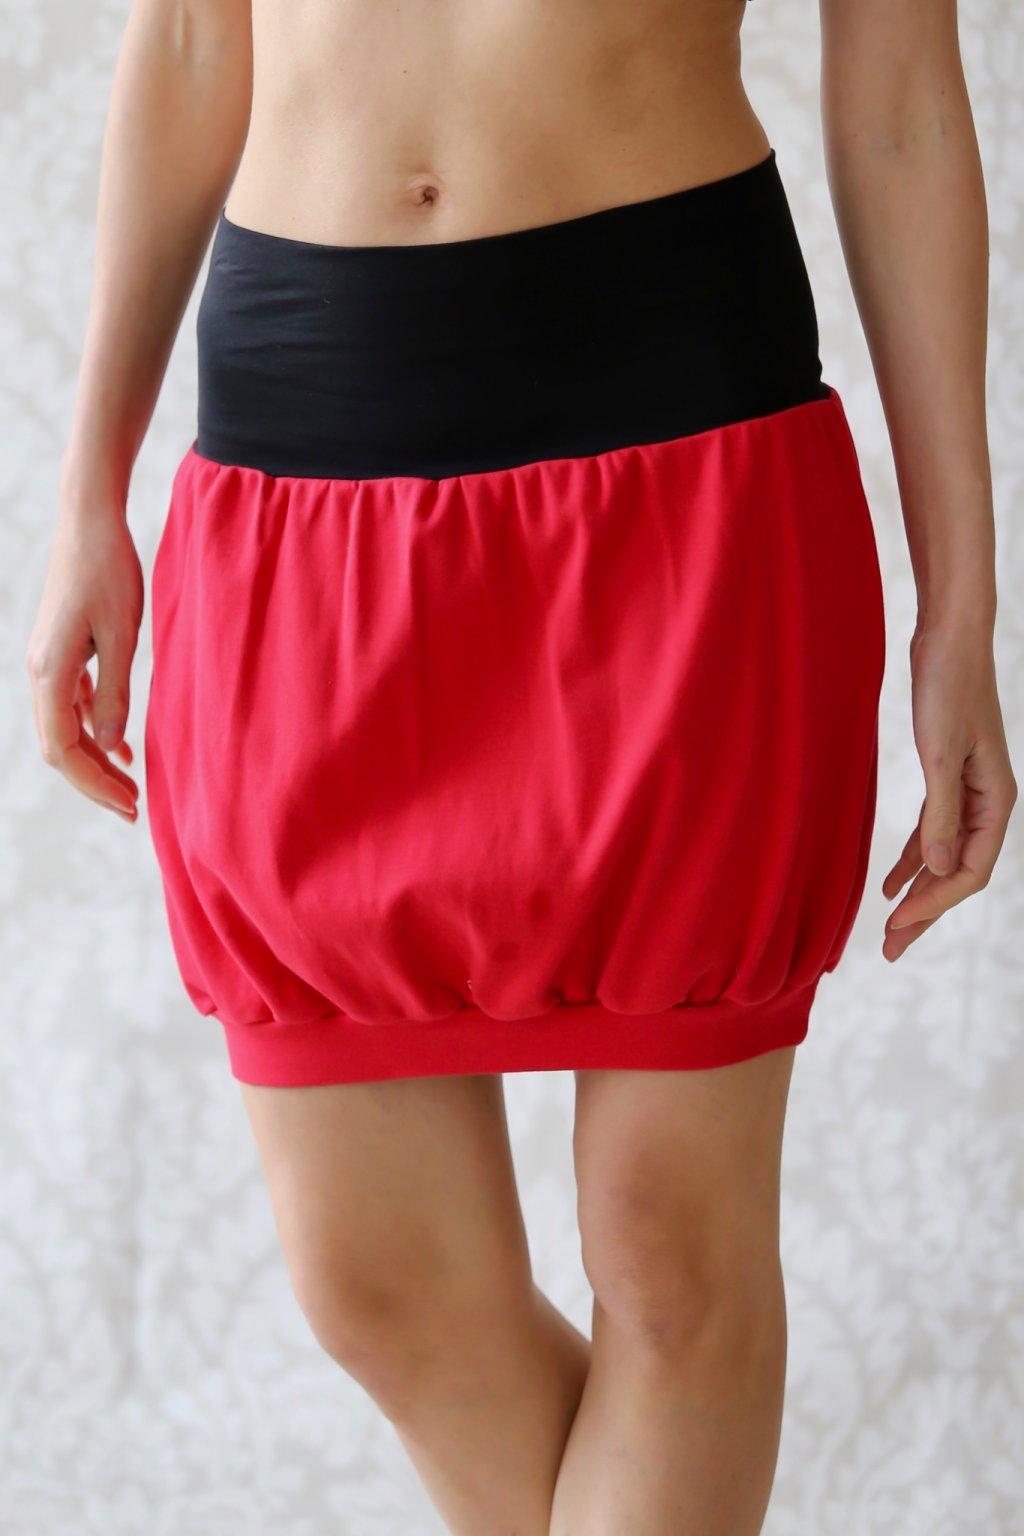 Výprodej - Soudková sukně Boann / Červená s černou